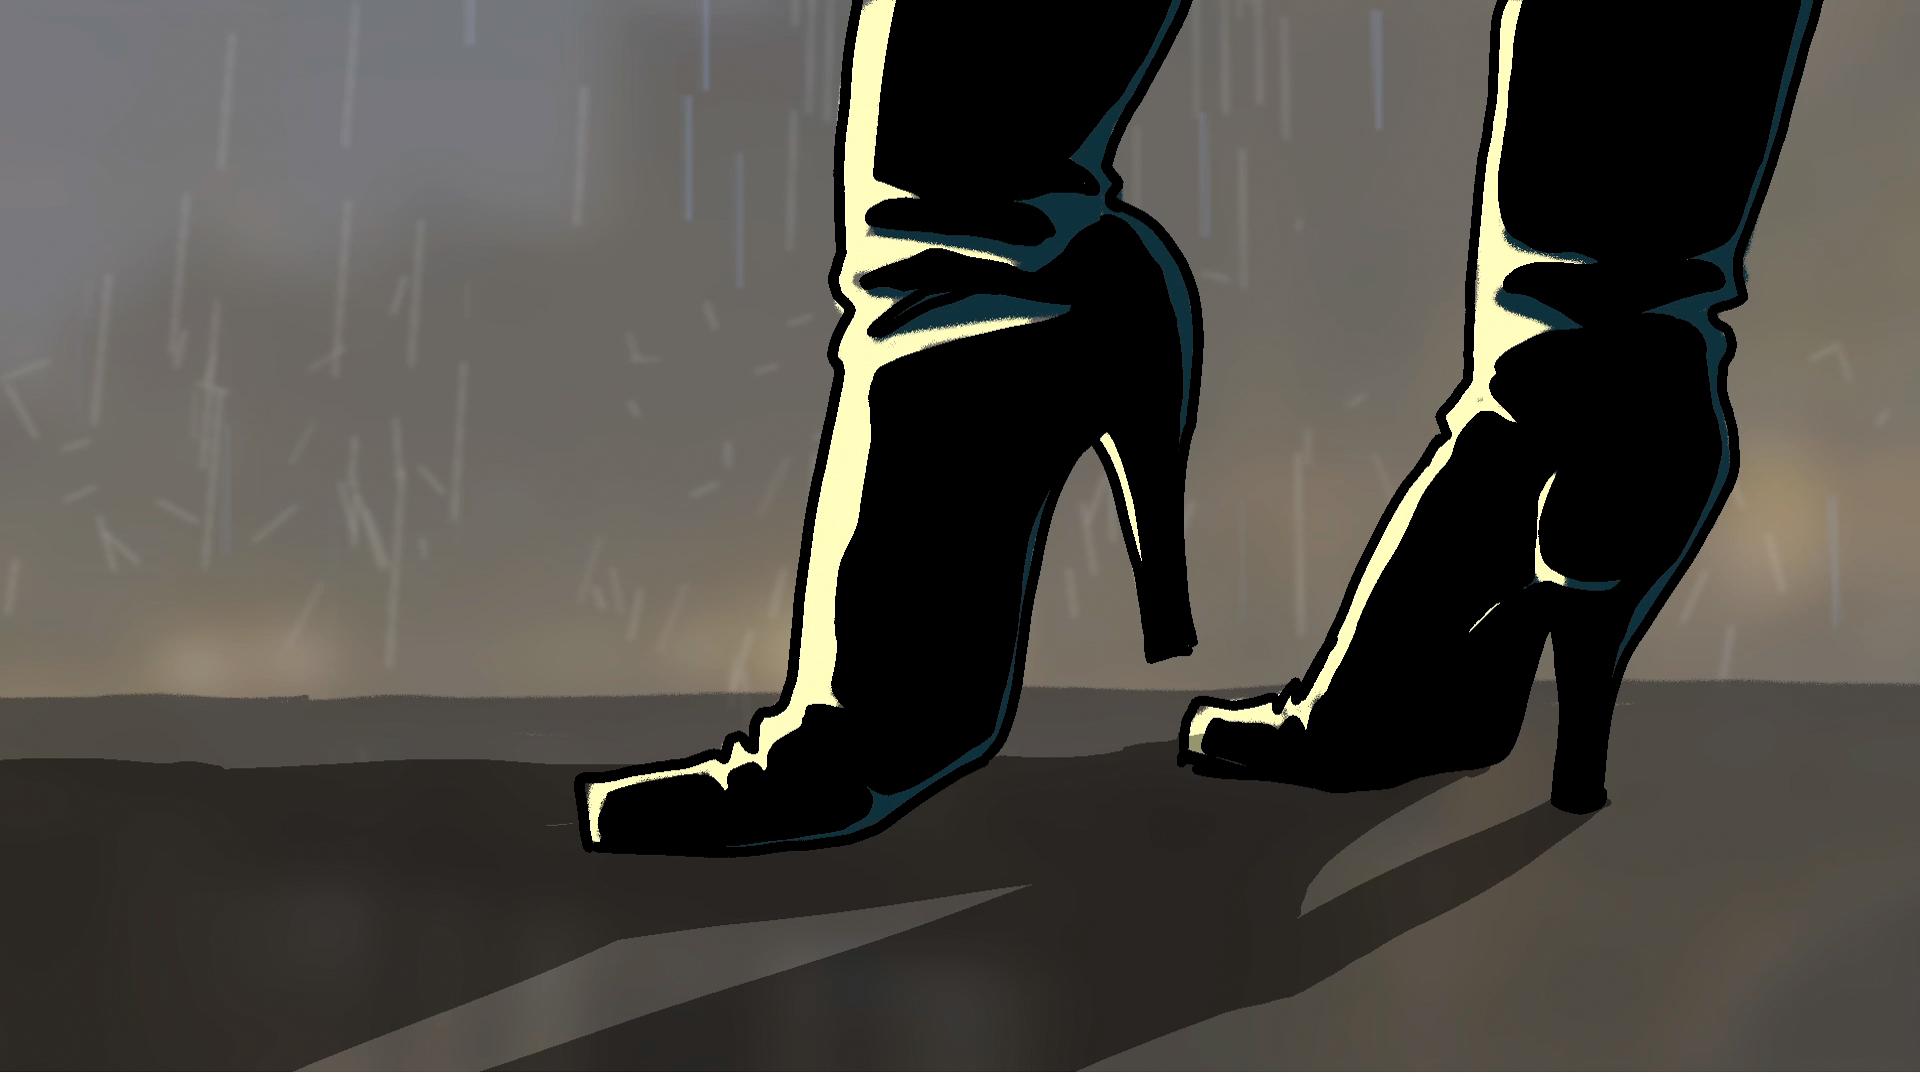 animatie voor misdaadprogramma Steinfort & van Wely